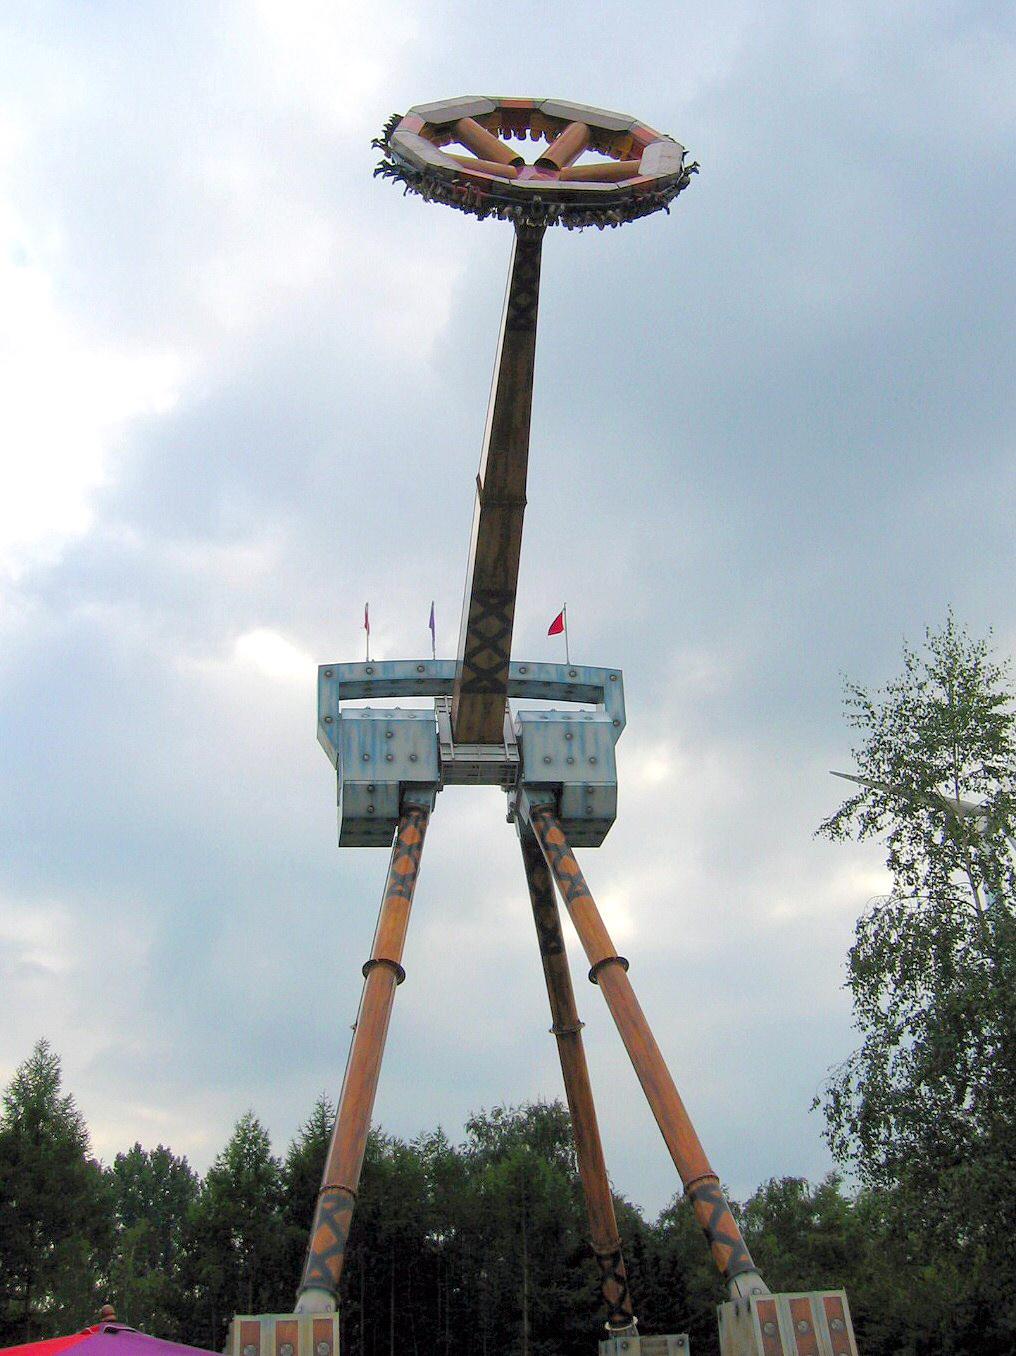 Plopsaland Vs Bobbejaanland Giantfrisbee